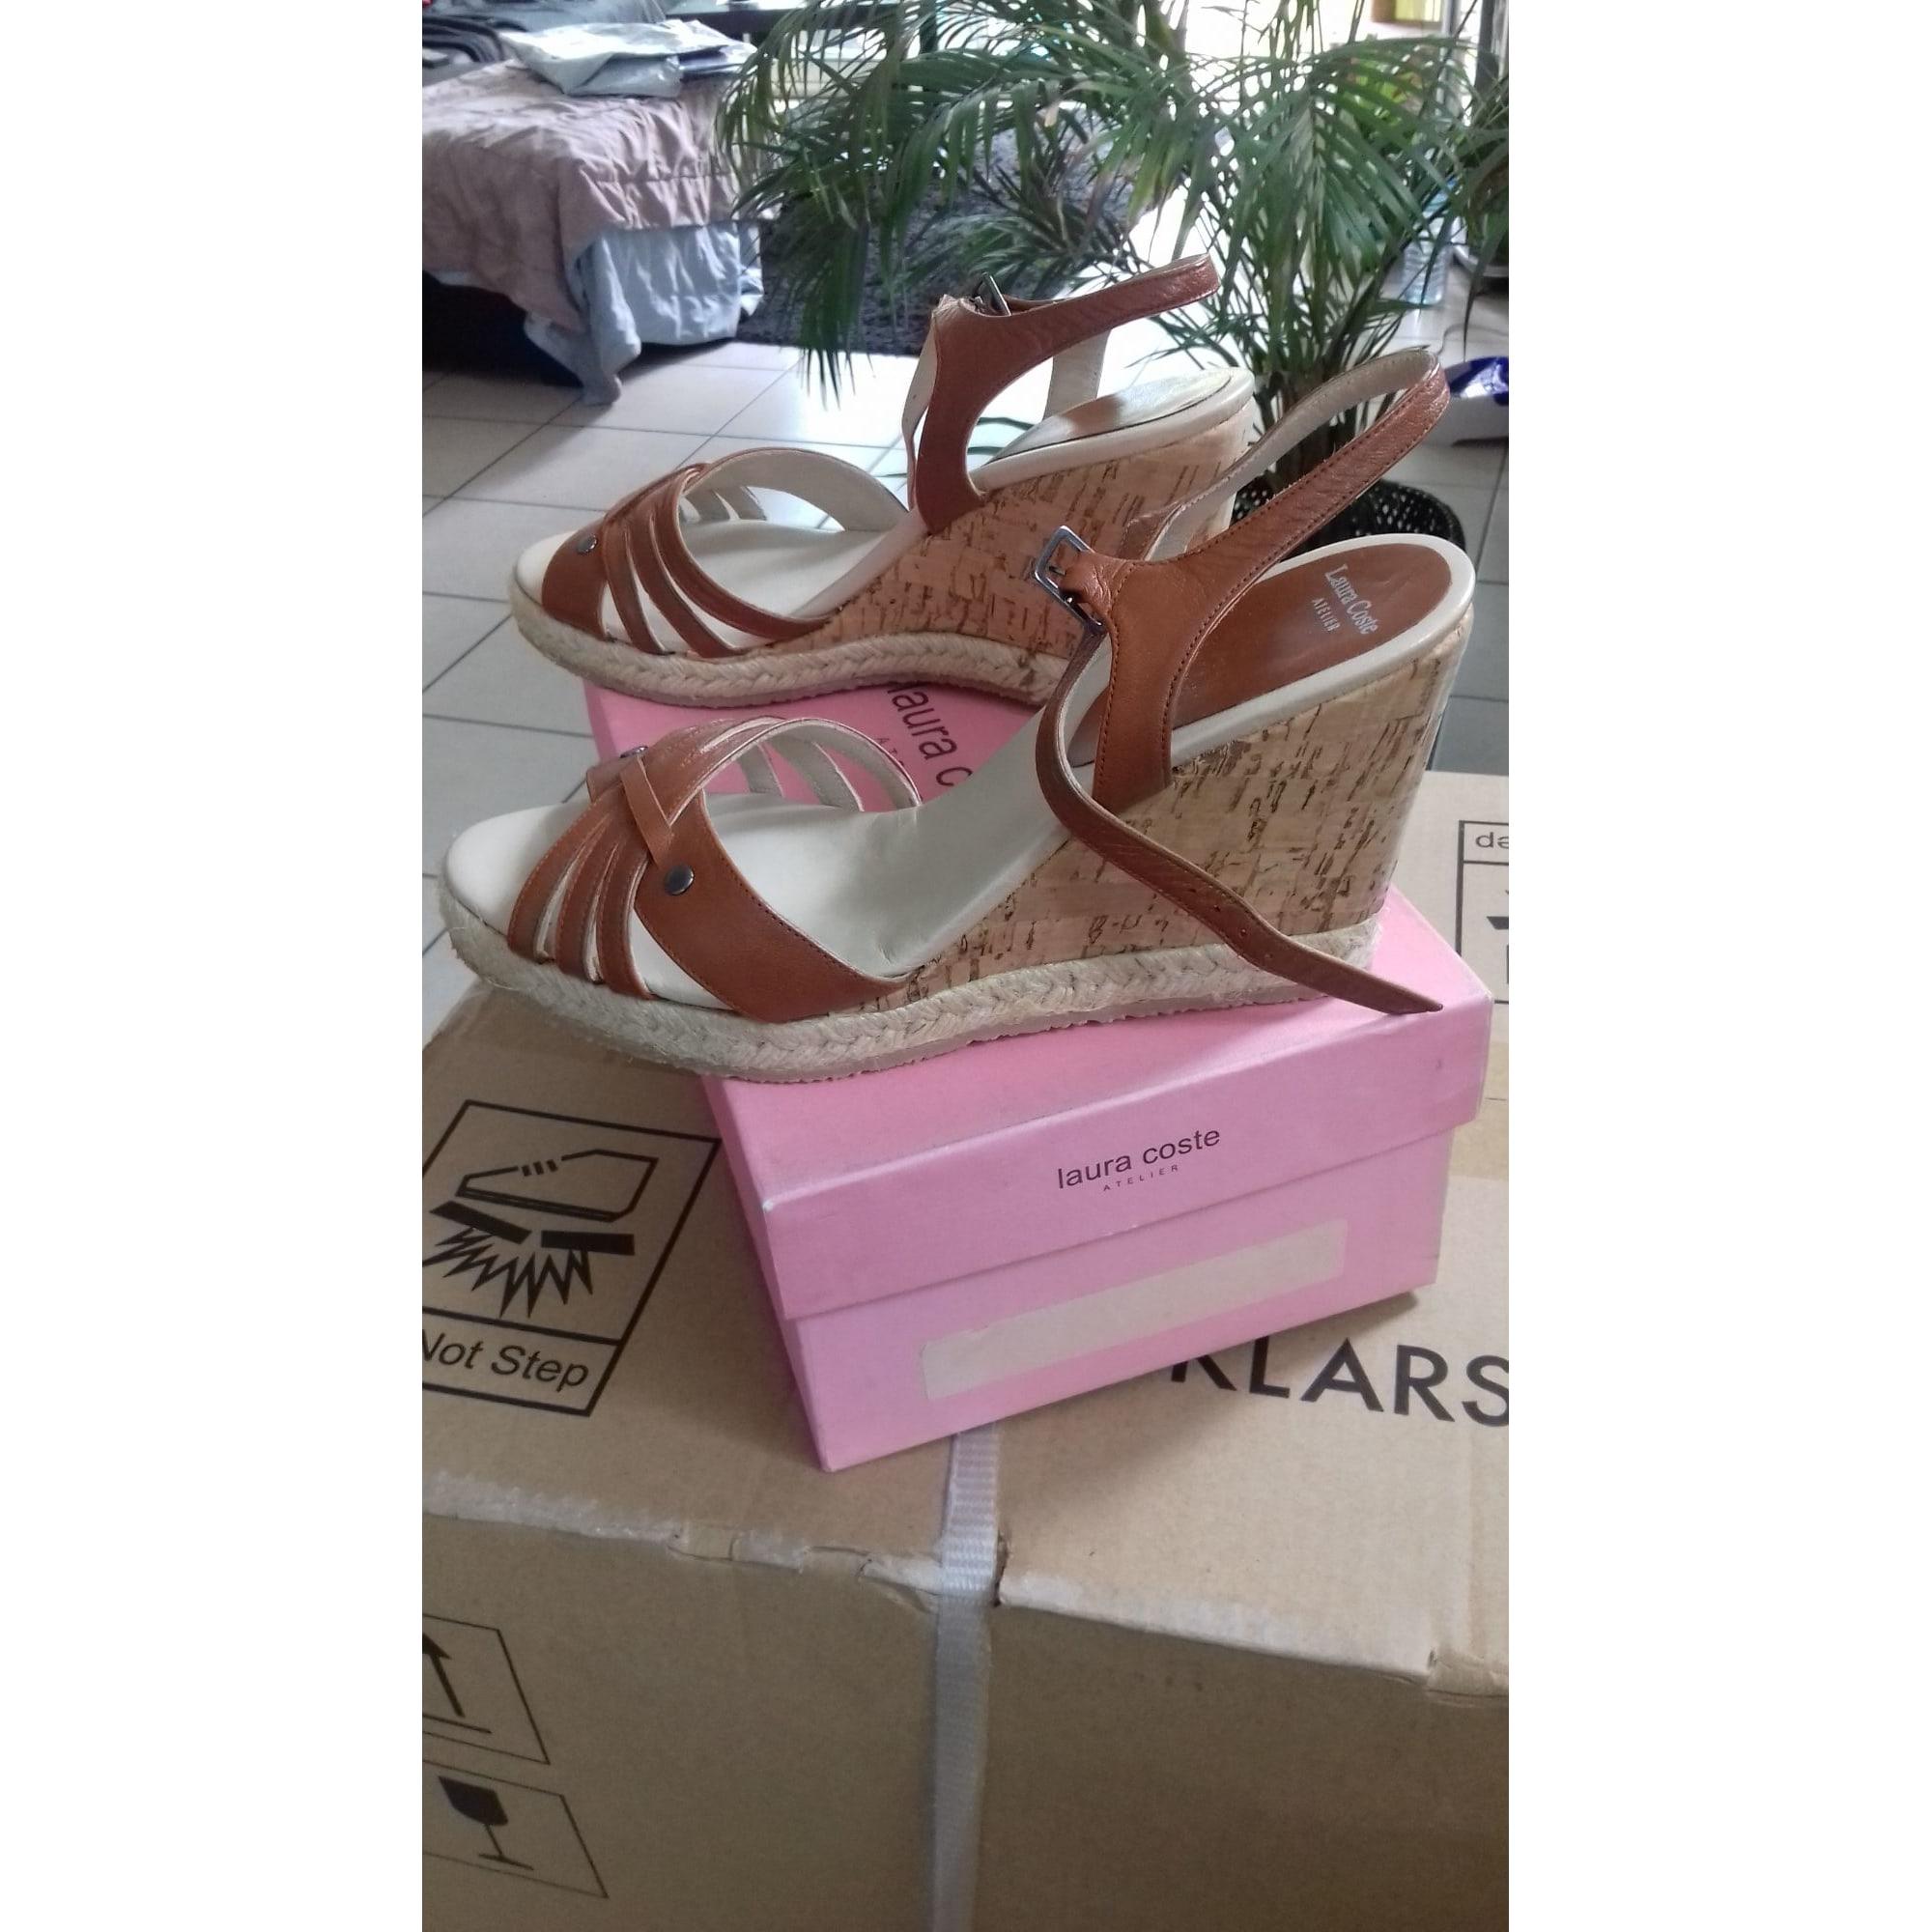 Sandales Compensées Coste 38 Marron 7844759 Laura EYb2IeH9WD